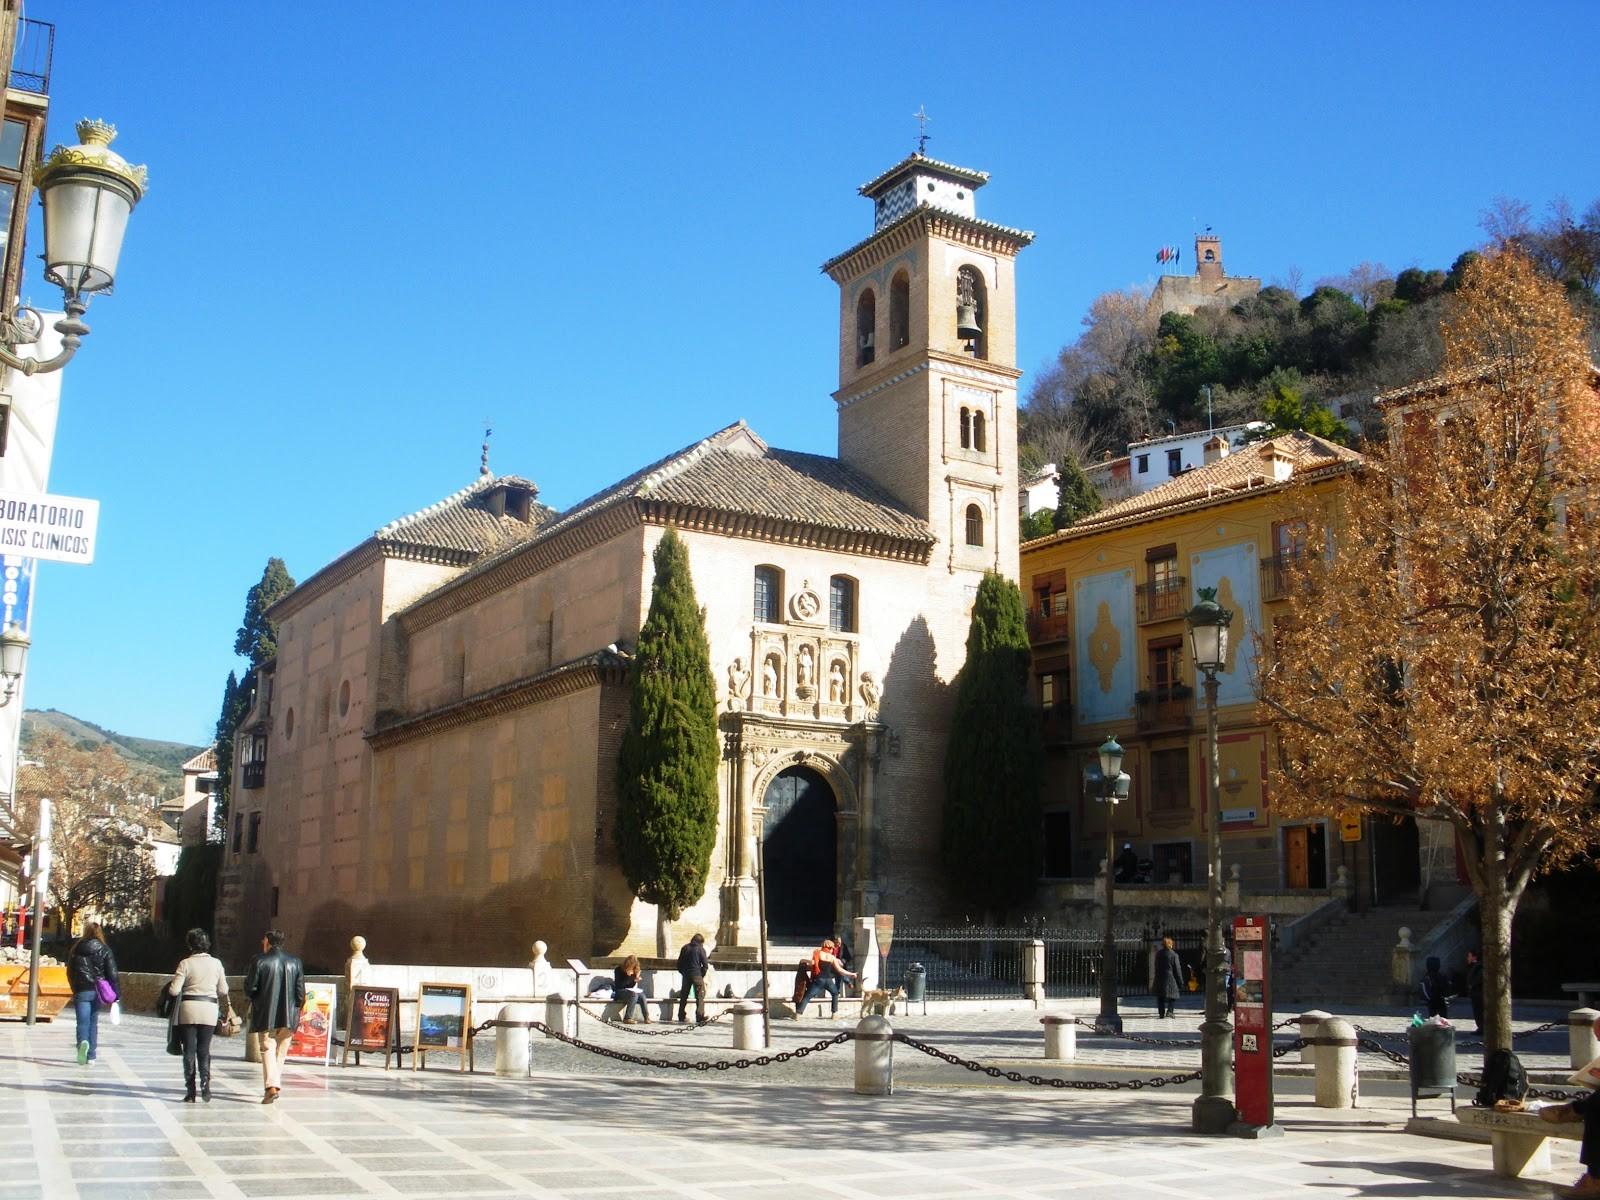 Experiência em Granada, Espanha por Alan